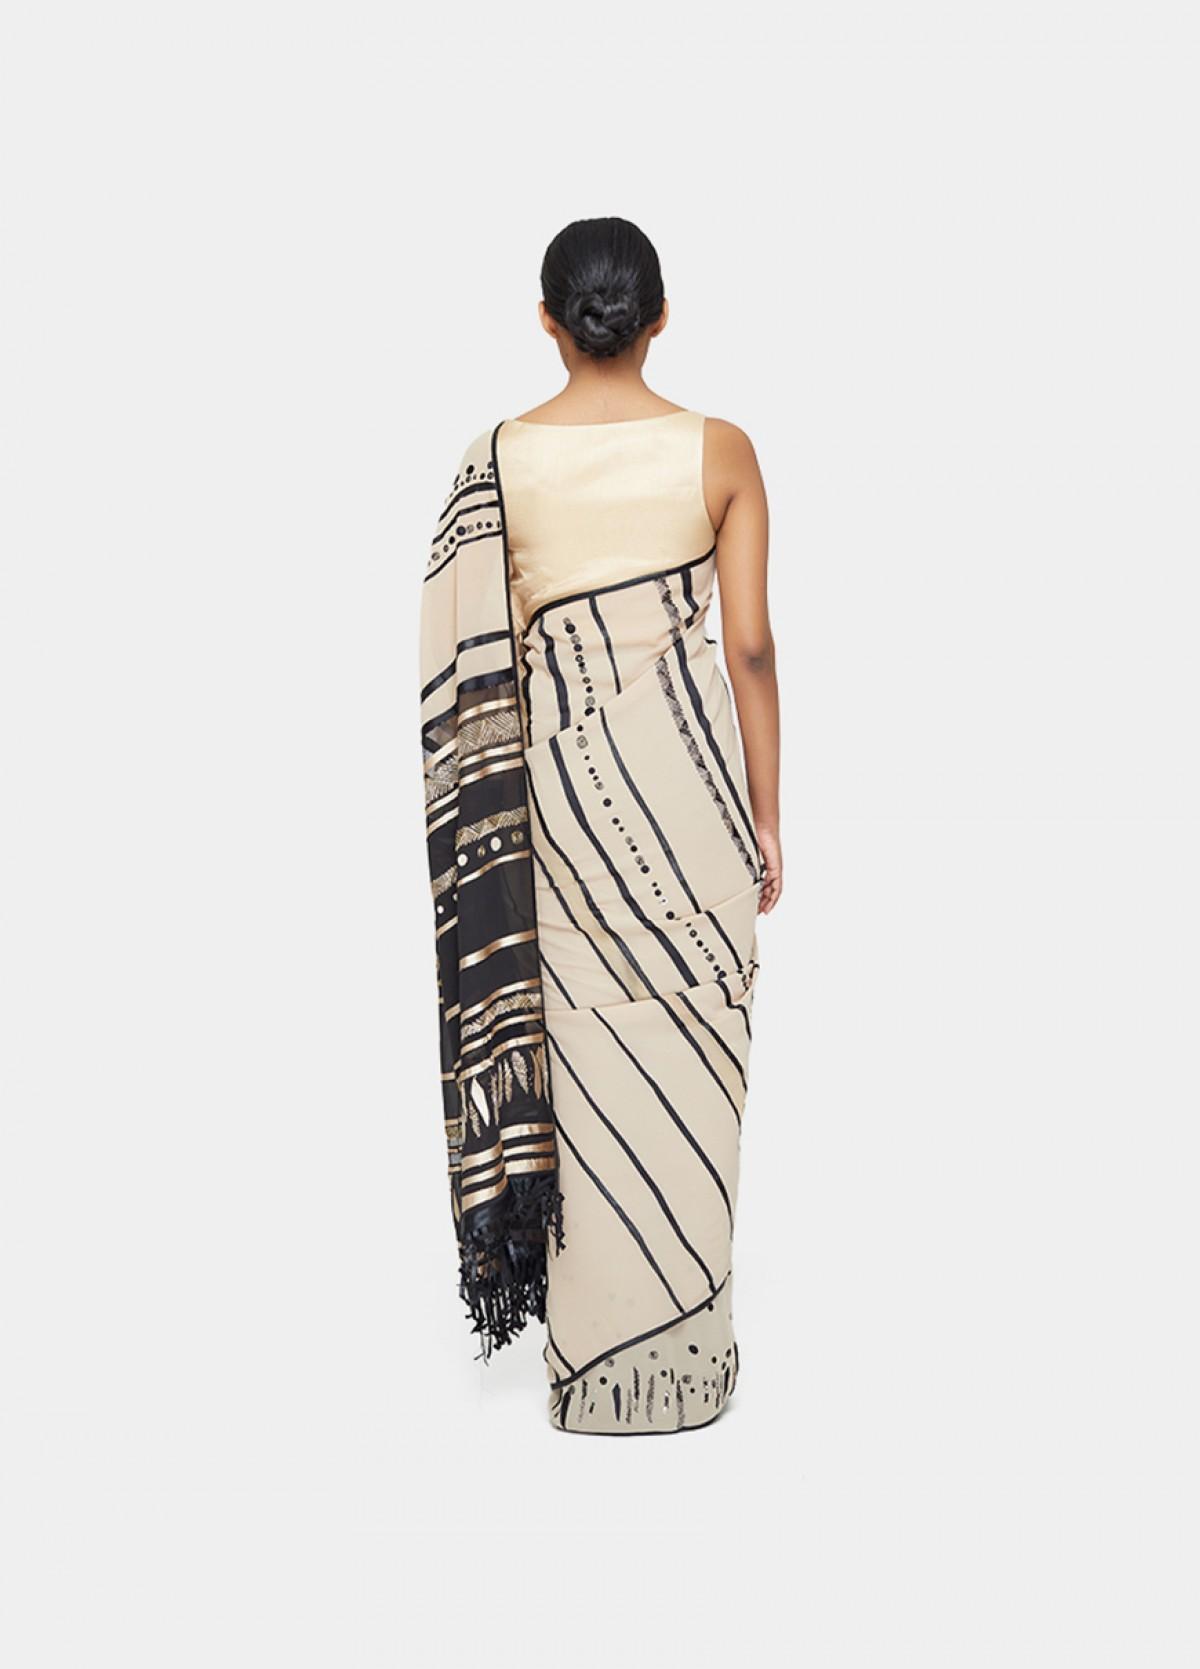 The Linear Dance Sari